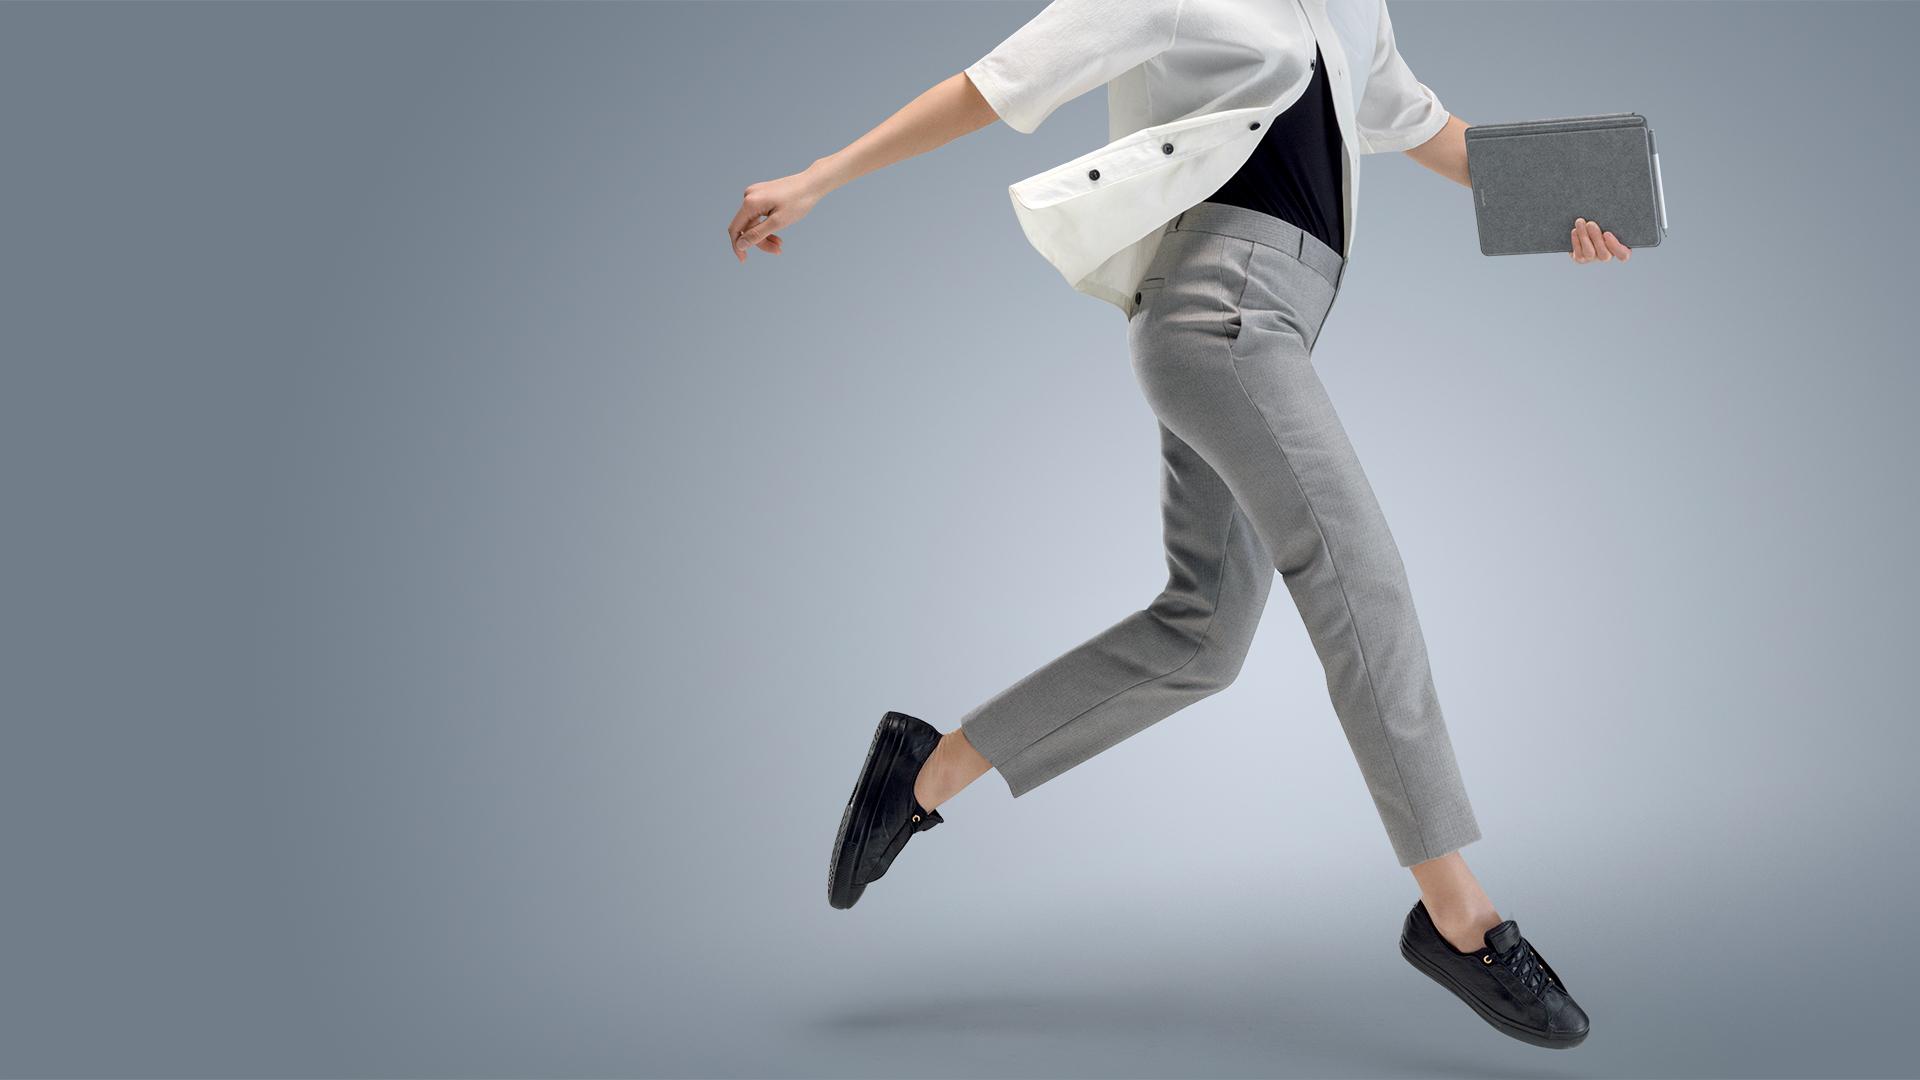 女人一手拿著採用平板電腦模式的 Surface Go 跳躍